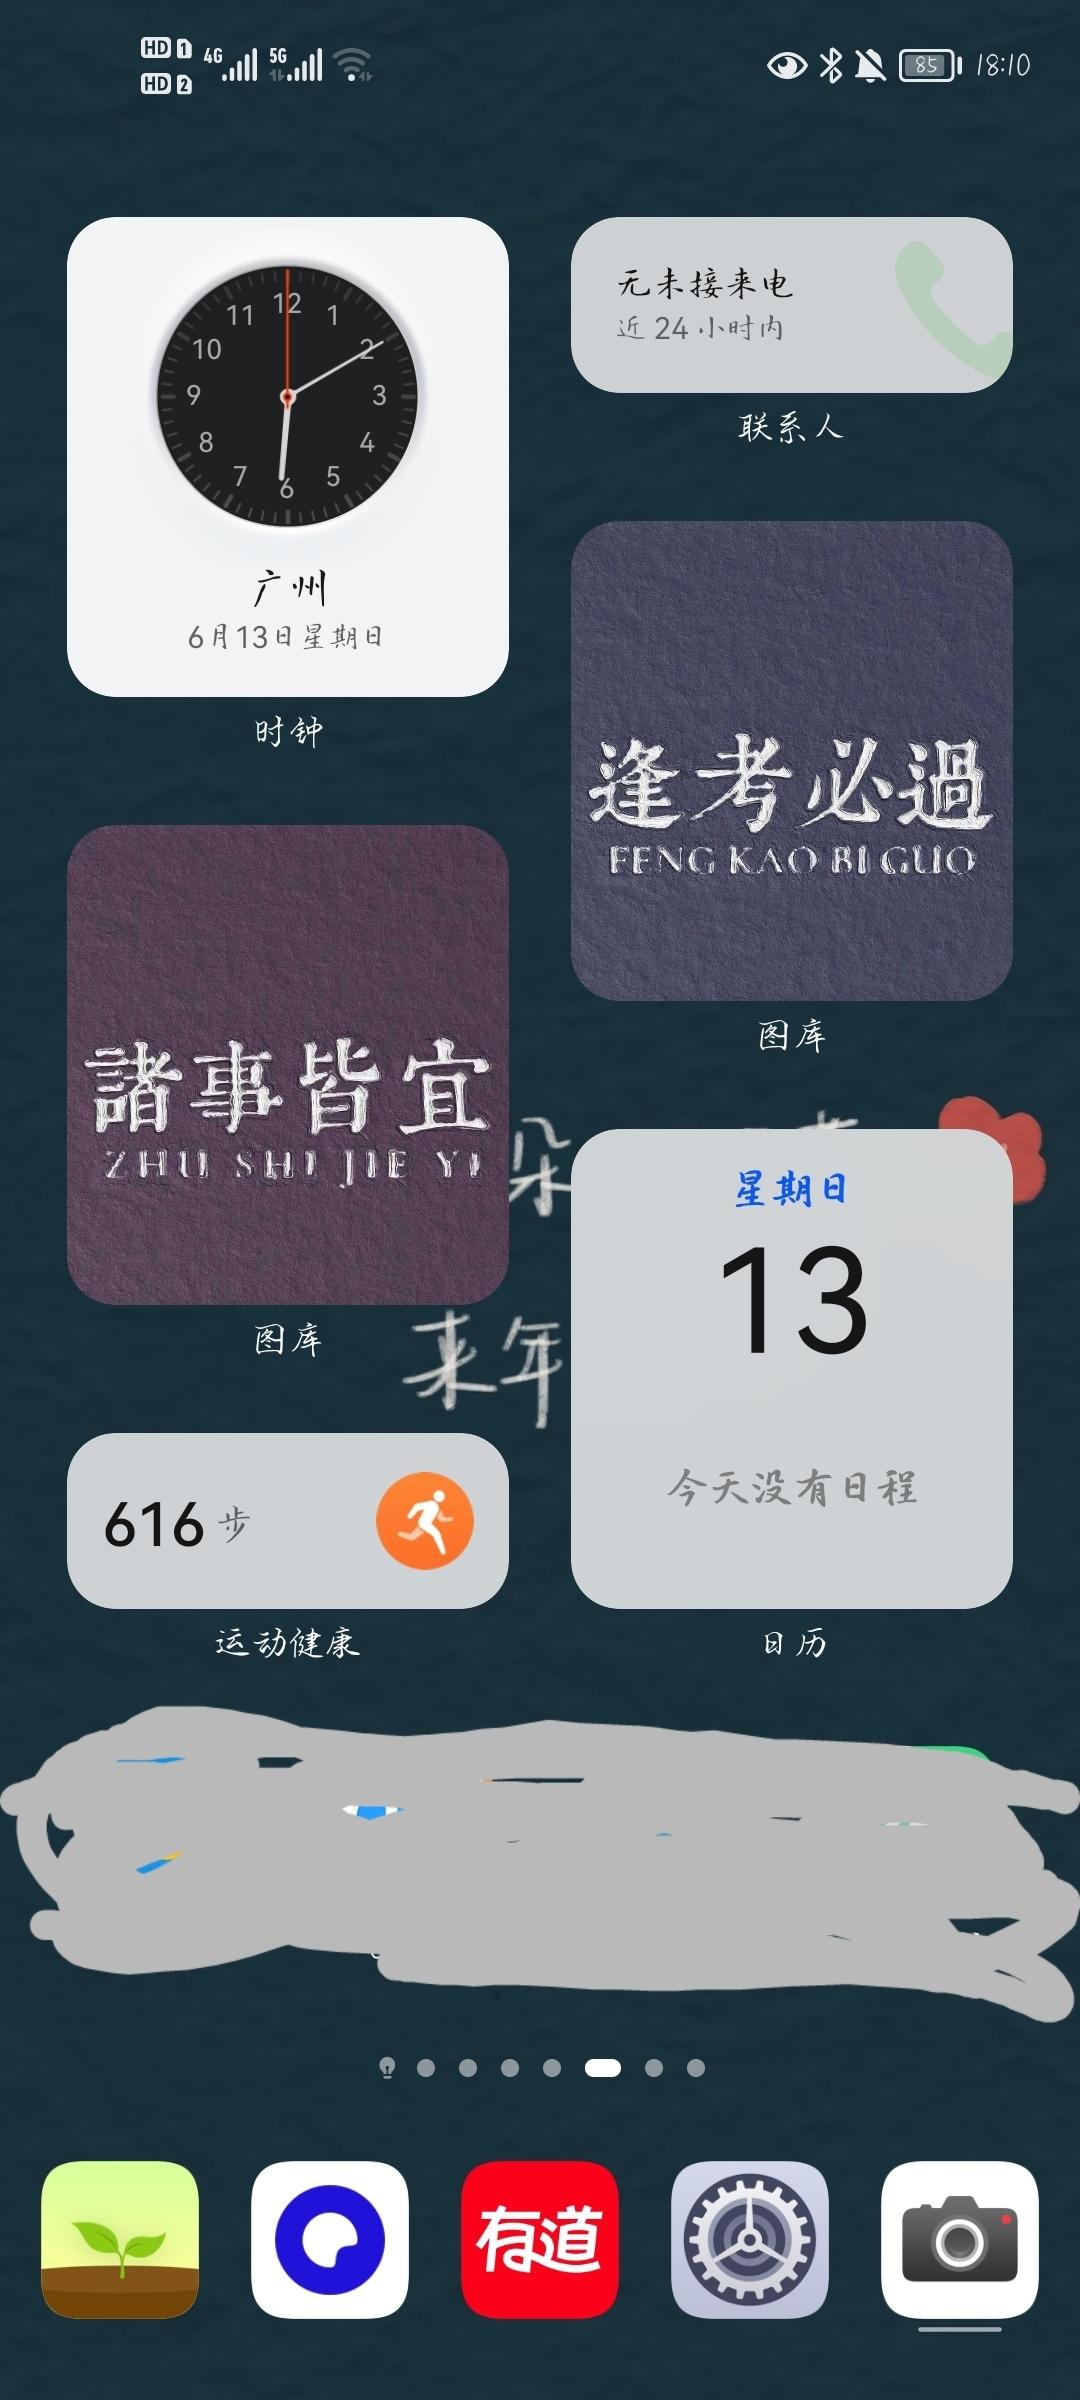 Screenshot_20210614_010548.jpg